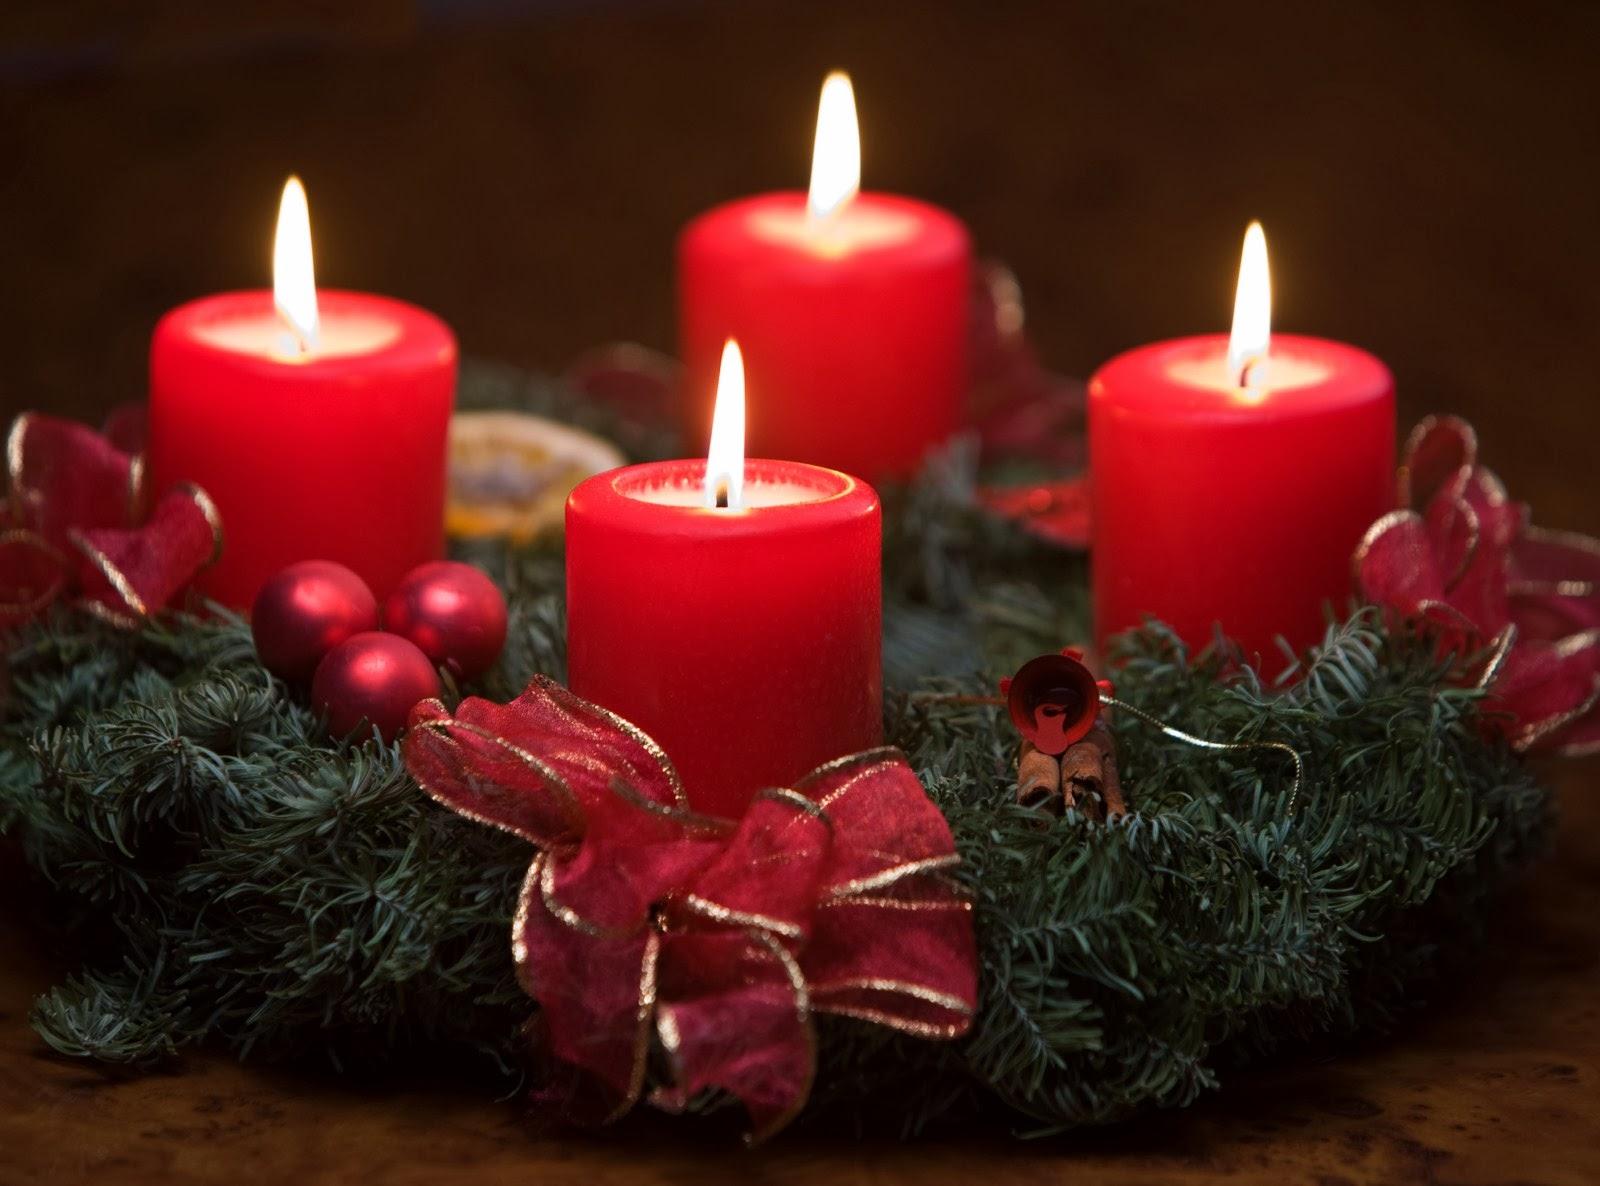 Banco de im genes coronas de adviento con velas rojas encendidas para navidad - Velas adviento ...